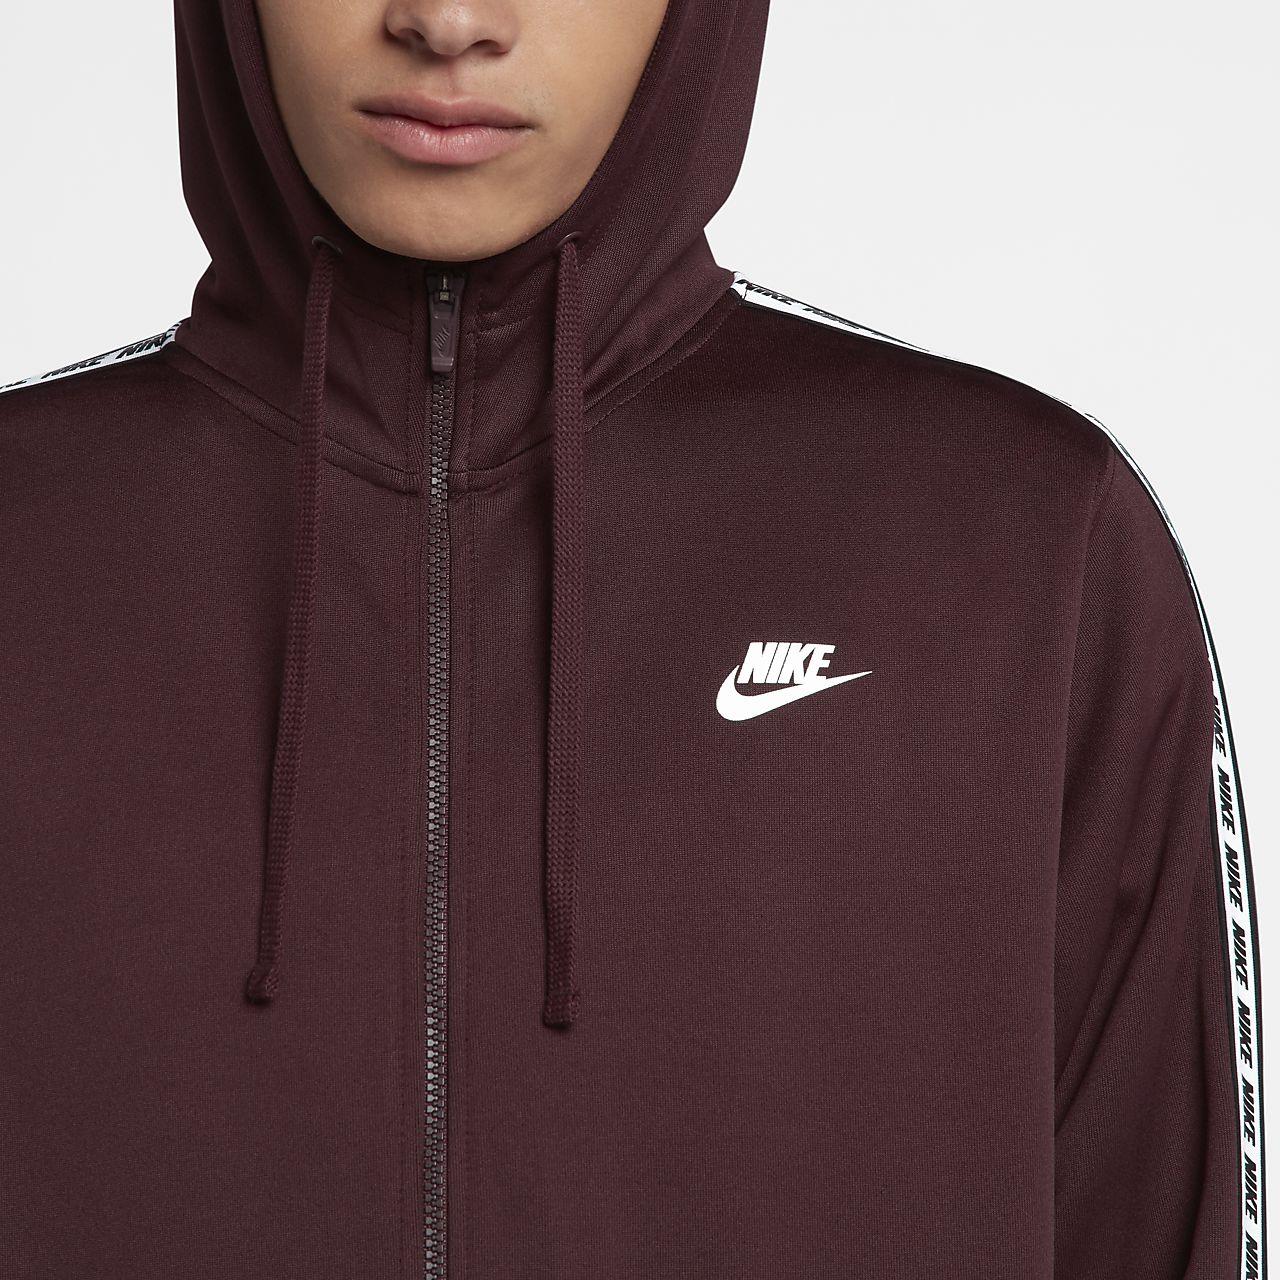 nouveau produit 44617 b905a Sweat Capuche Homme Zippé Entièrement Nike Sportswear À Pour ...